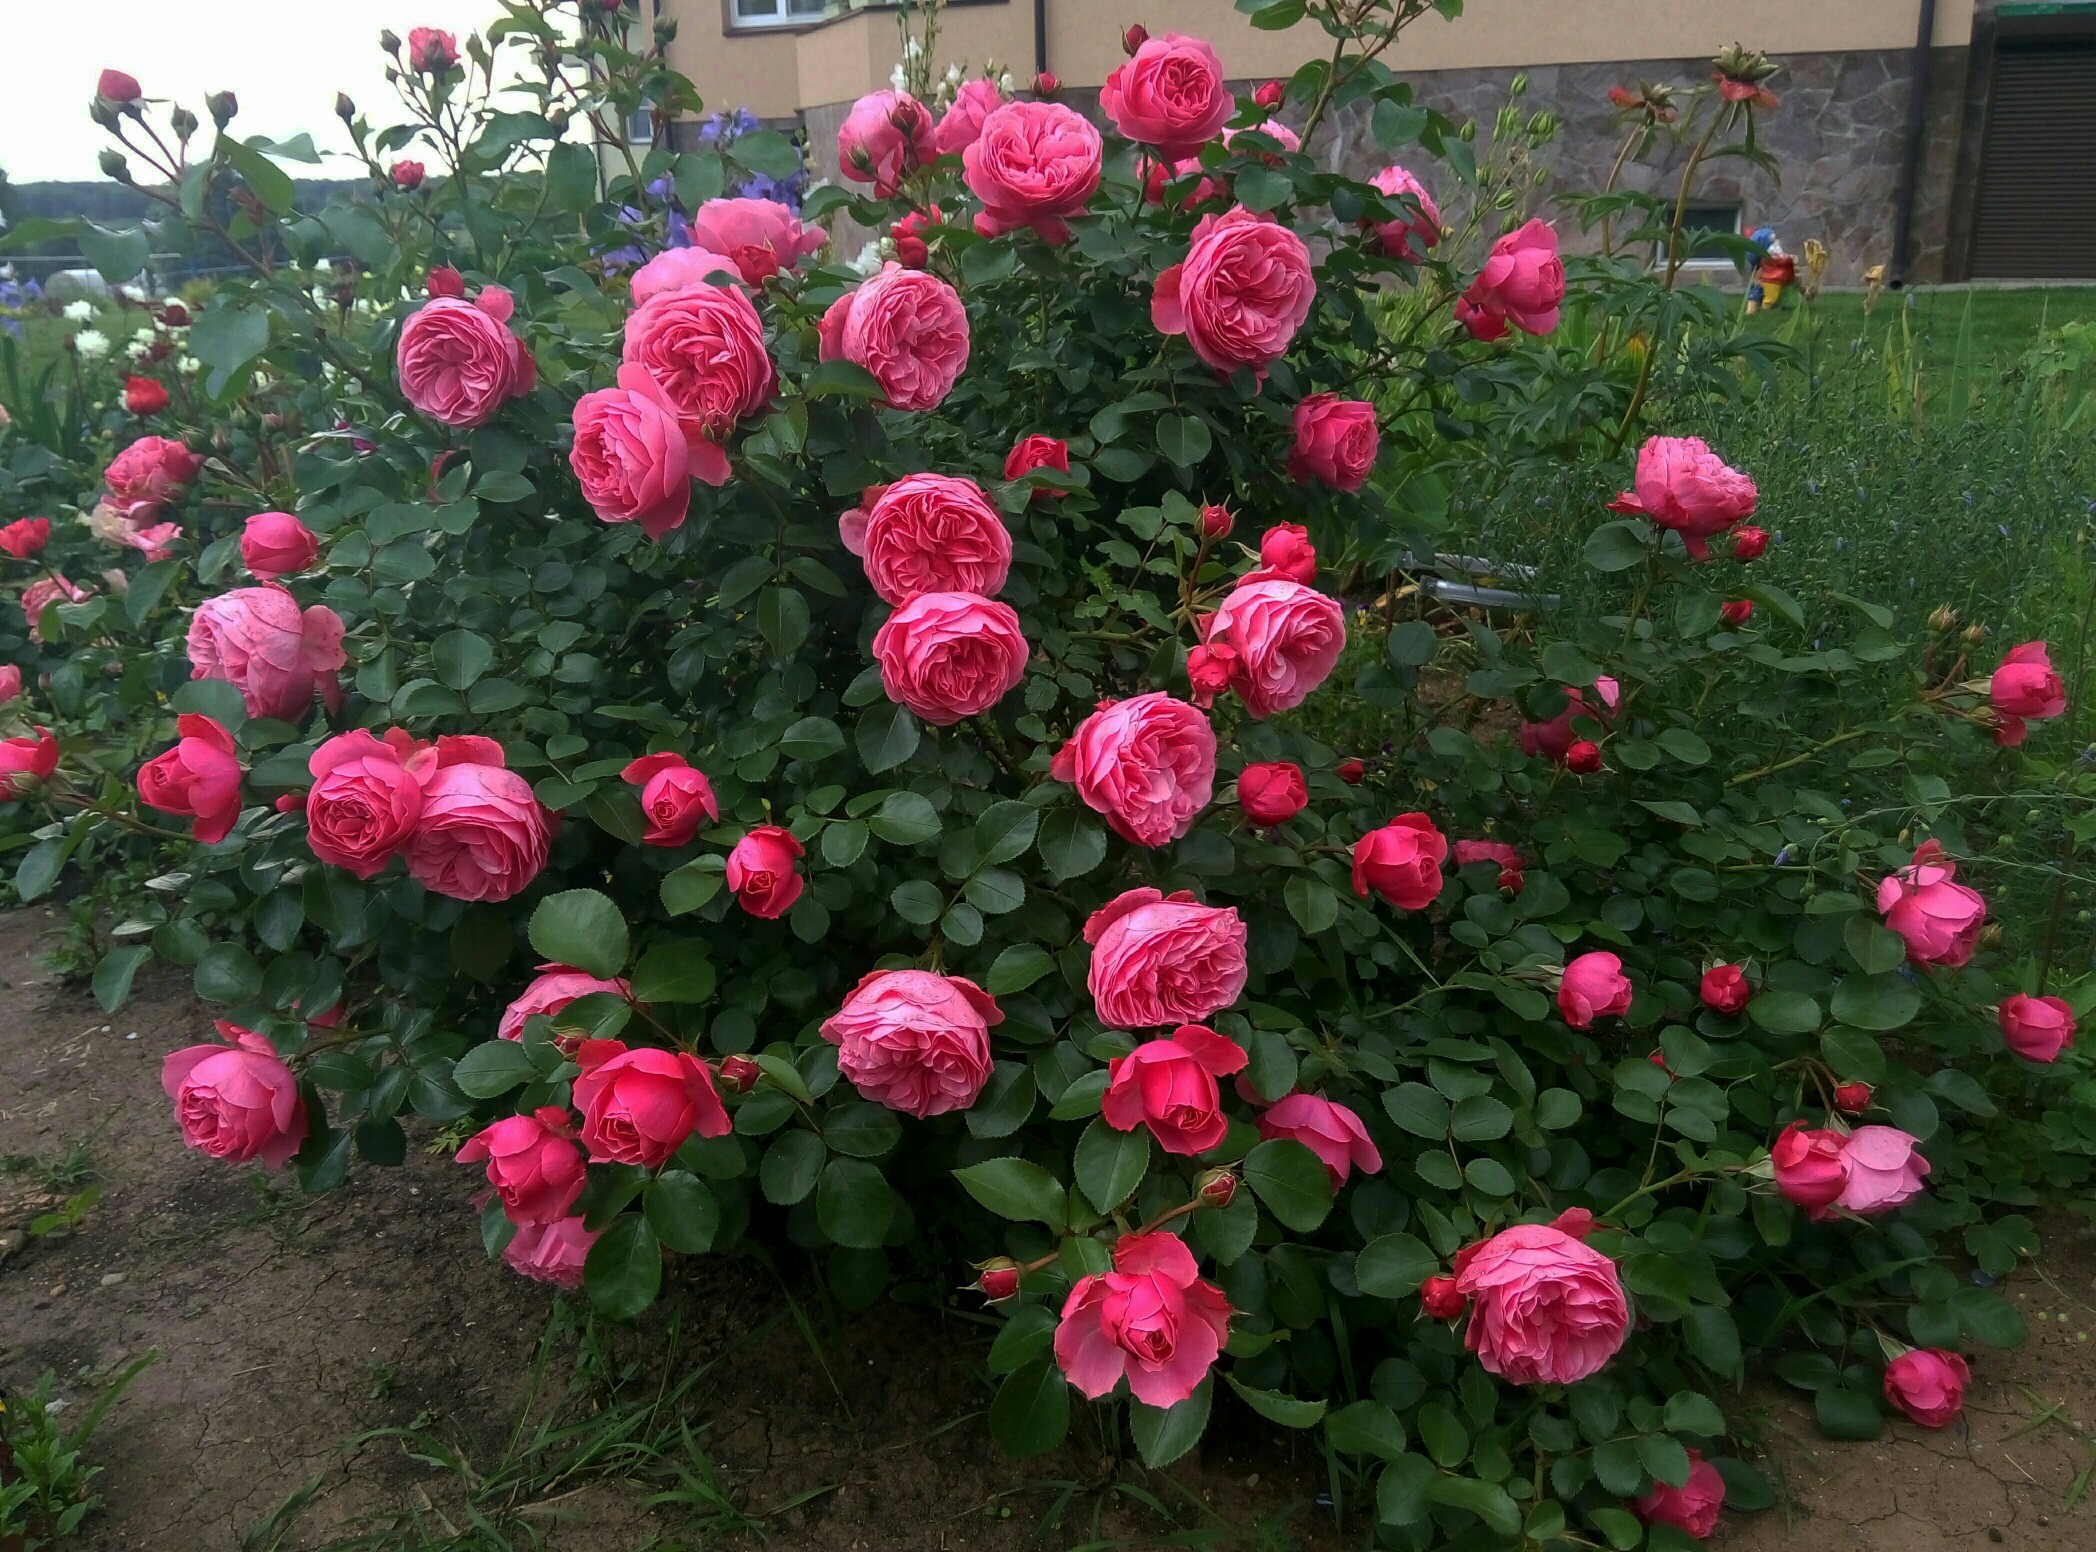 признанию артистки, роза леонардо да винчи фото описание увеличения или уменьшения